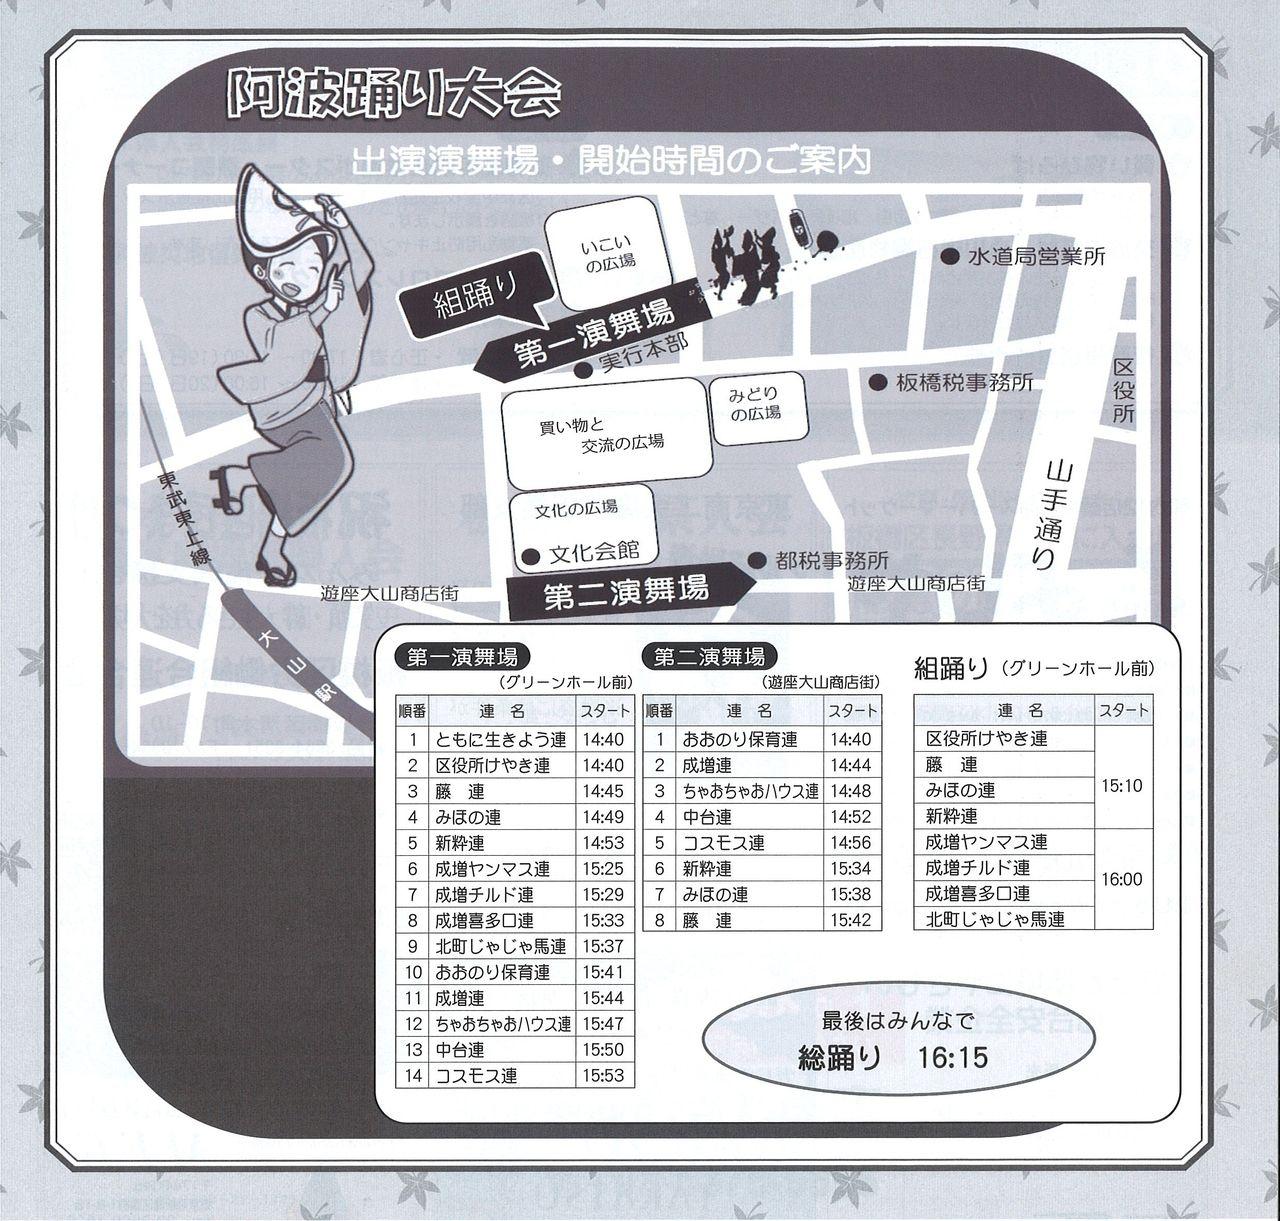 阿波踊り大会